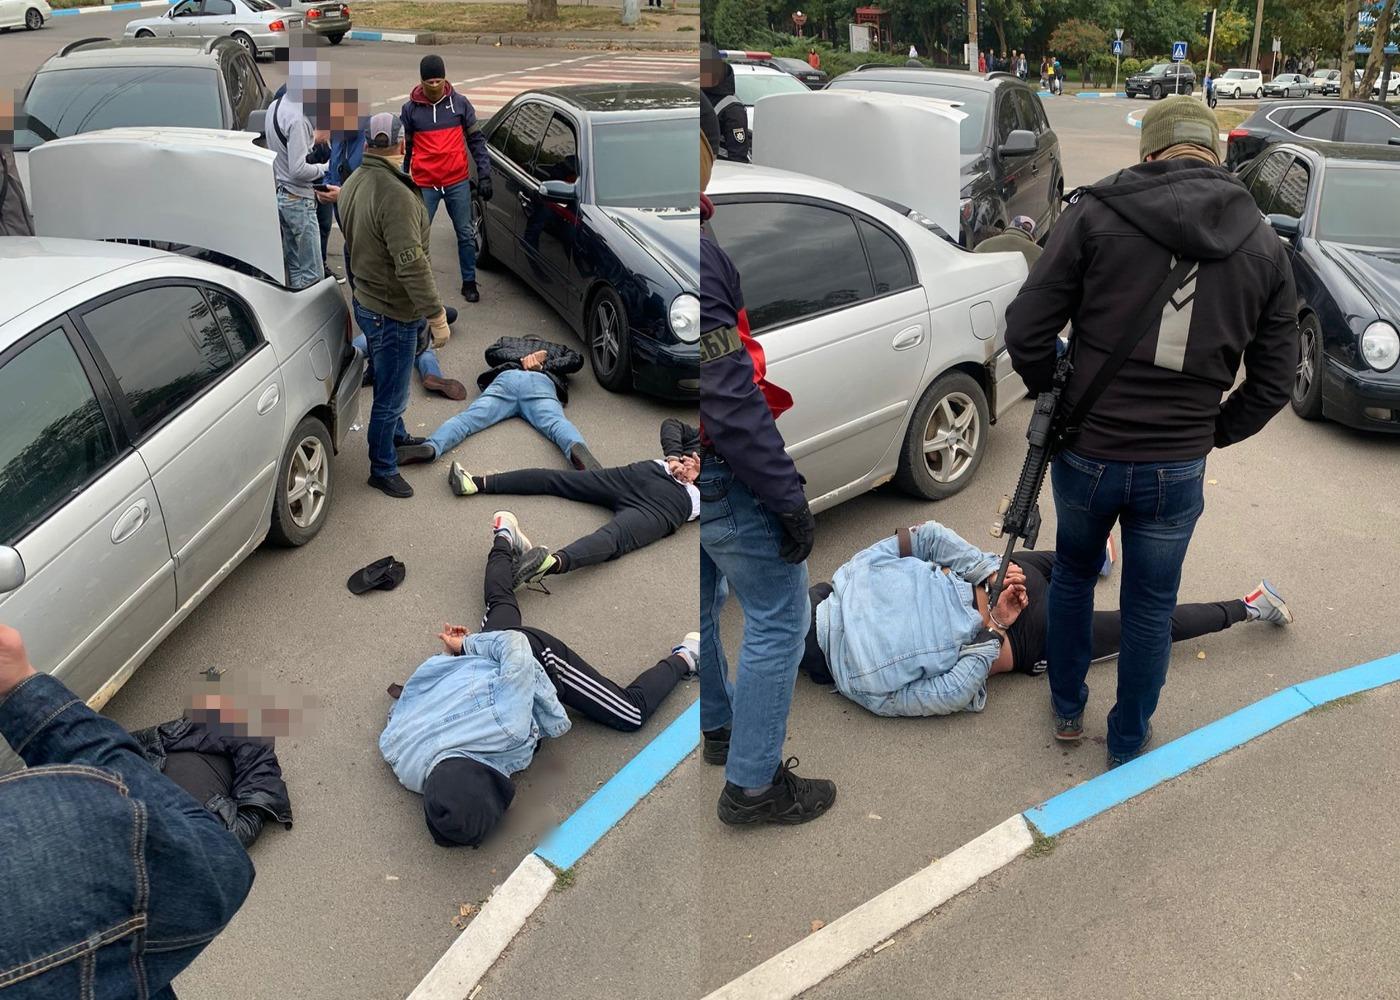 Похищали и пытали людей: в Южном ликвидировали преступную группировку. Фото: Служба безопасности Украины